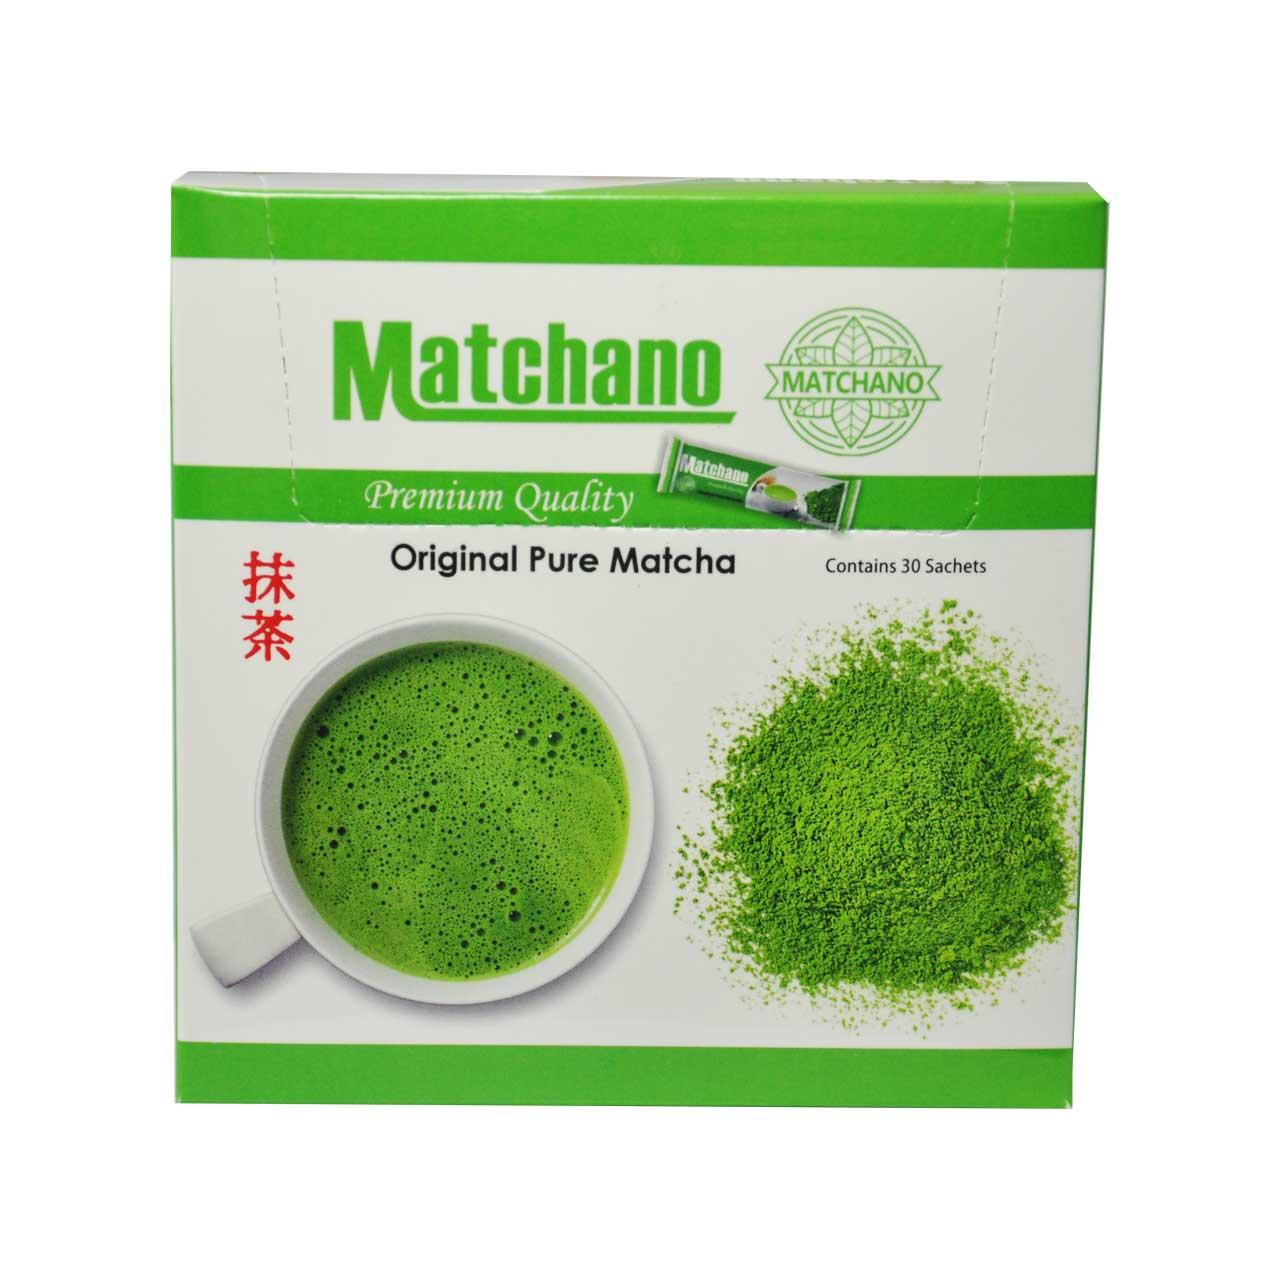 چای ماچا ساشه ای ماچانو – matchano